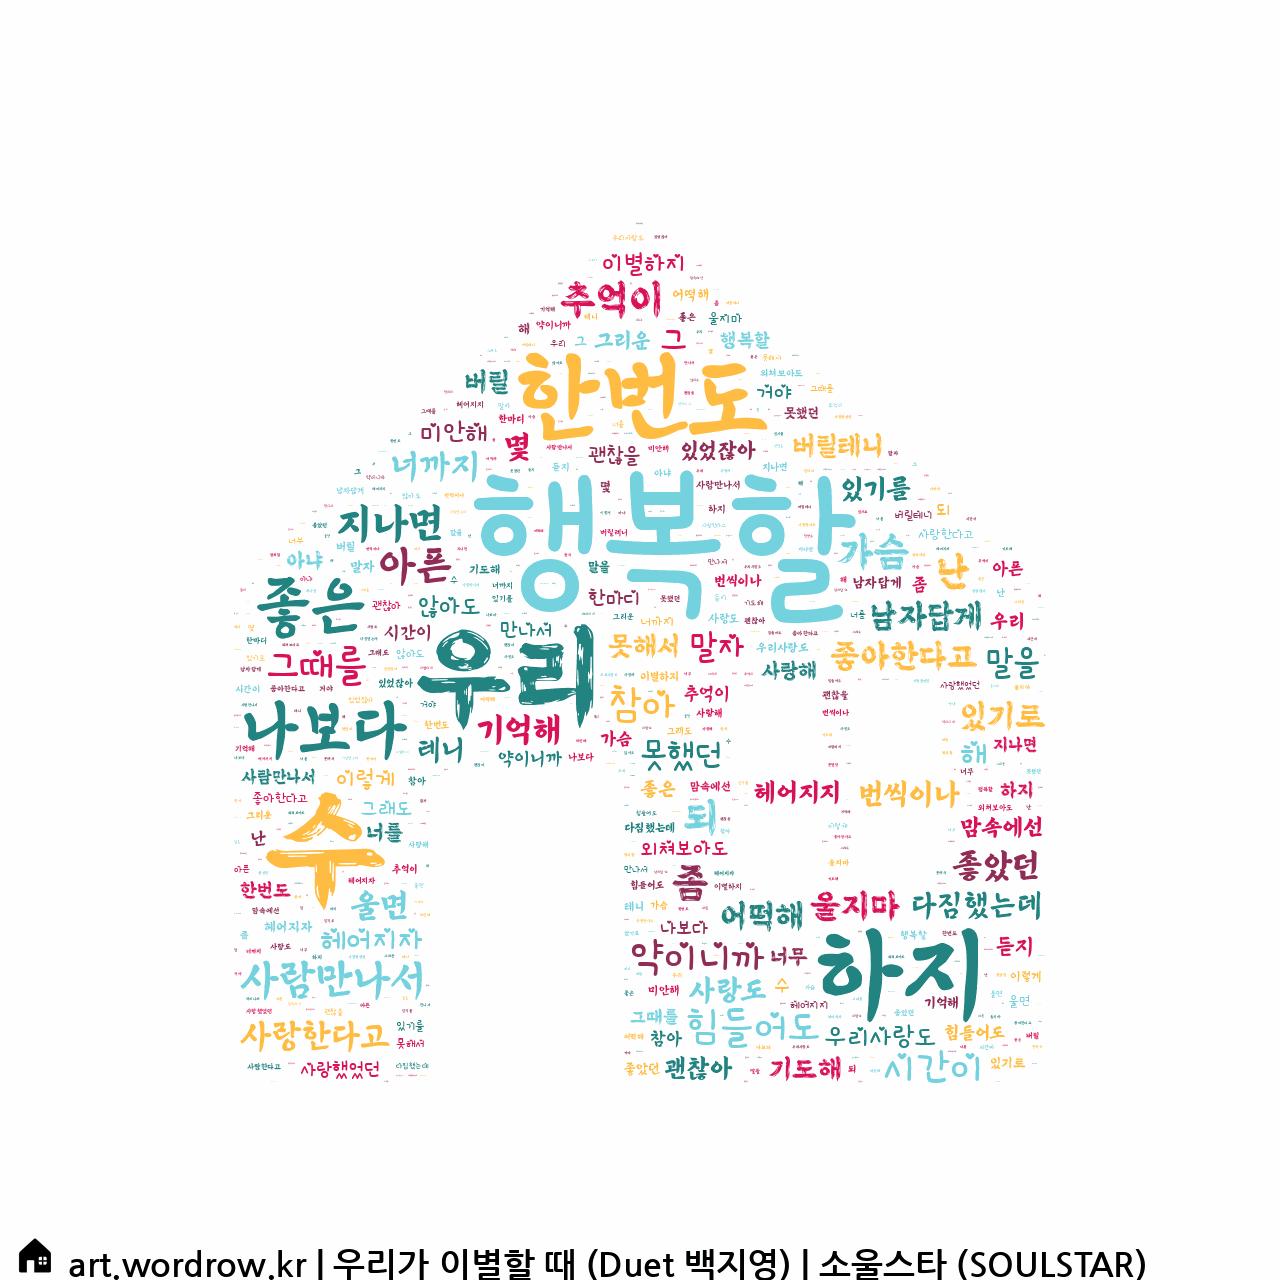 워드 아트: 우리가 이별할 때 (Duet 백지영) [소울스타 (SOULSTAR)]-37